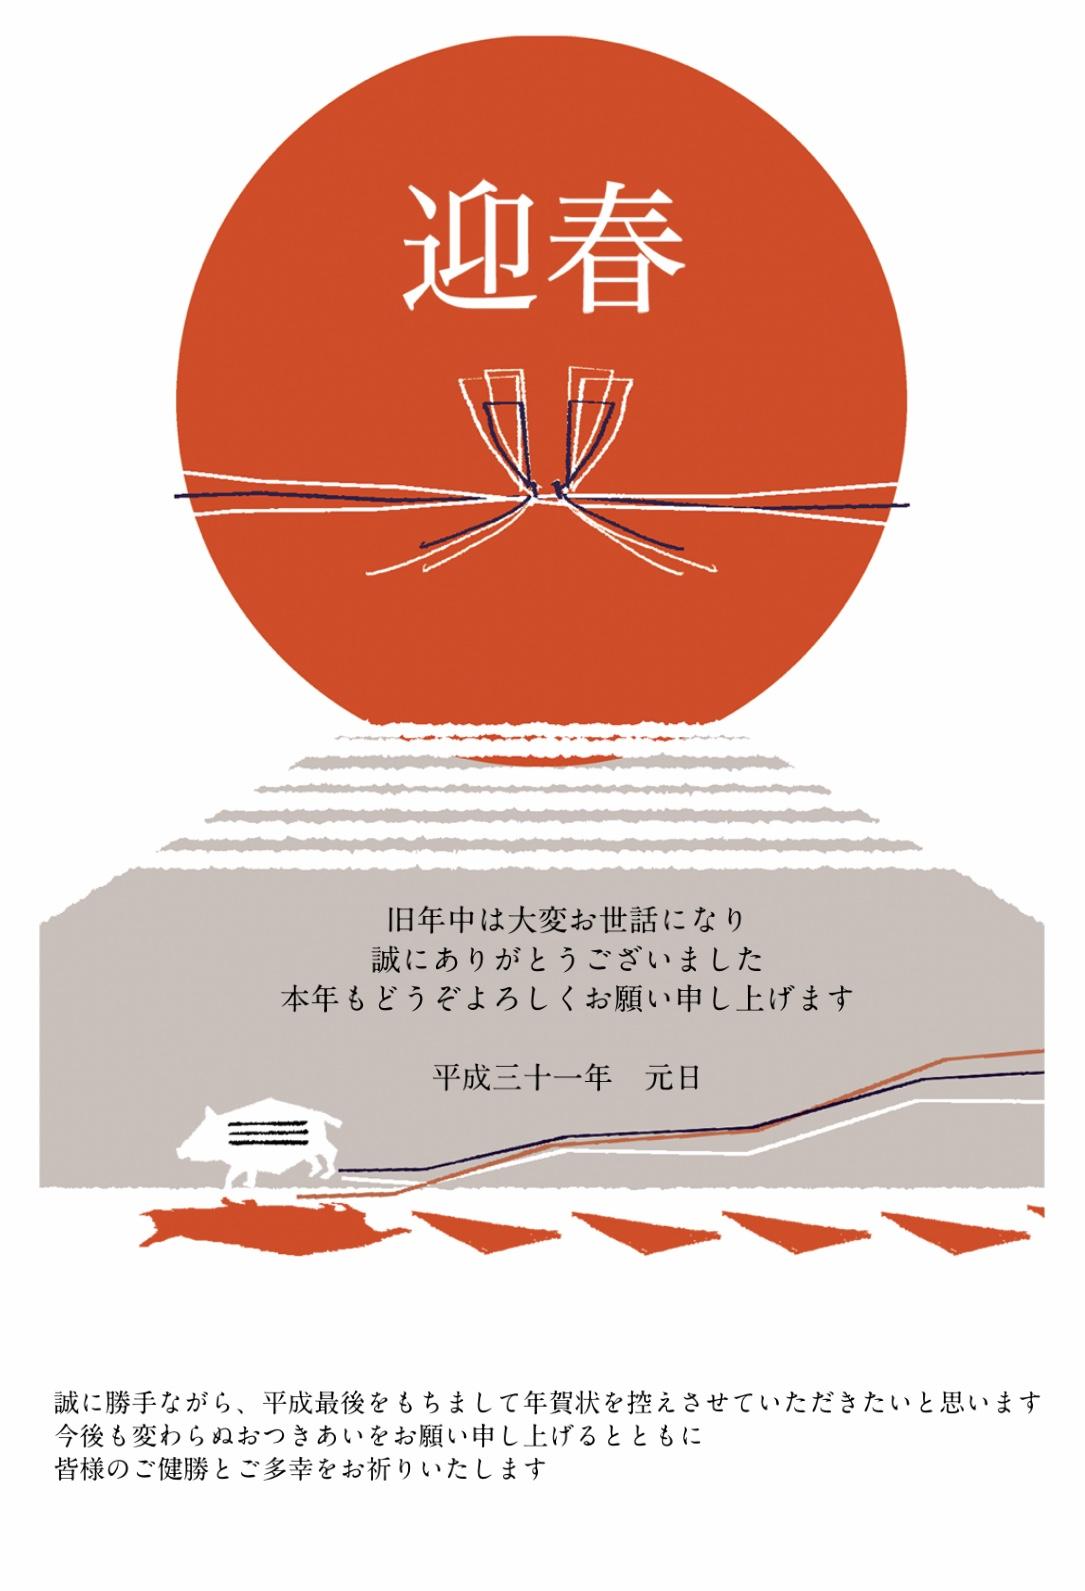 平成 最後 の 年 【東日本大震災から8年】平成最後に振り返る「平成30年間の大災害」年...